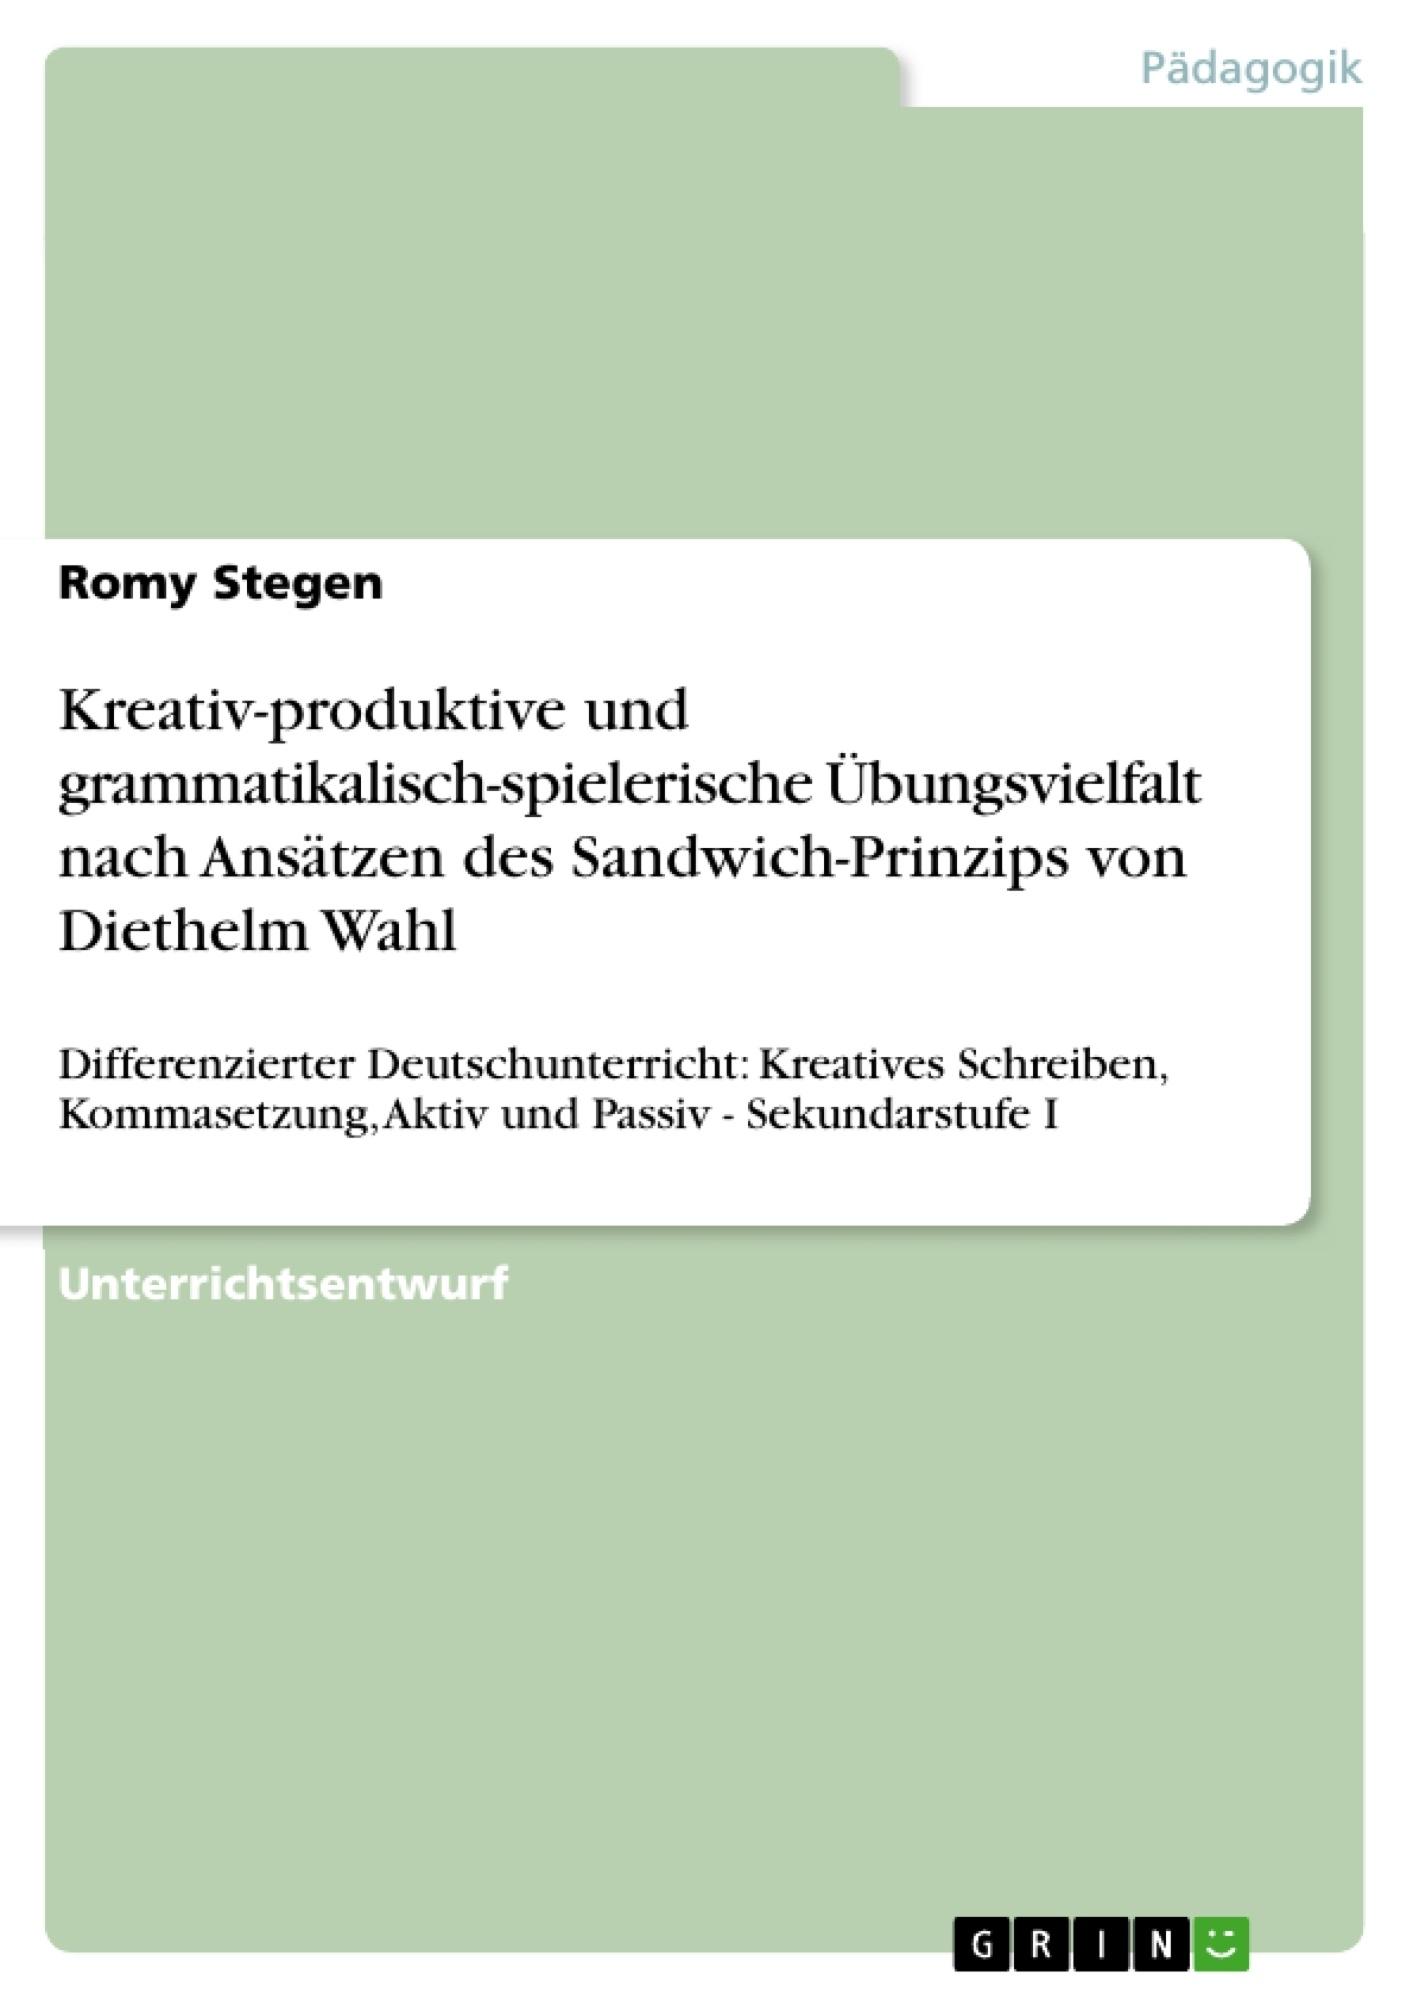 Titel: Kreativ-produktive und grammatikalisch-spielerische Übungsvielfalt nach Ansätzen des Sandwich-Prinzips von Diethelm Wahl